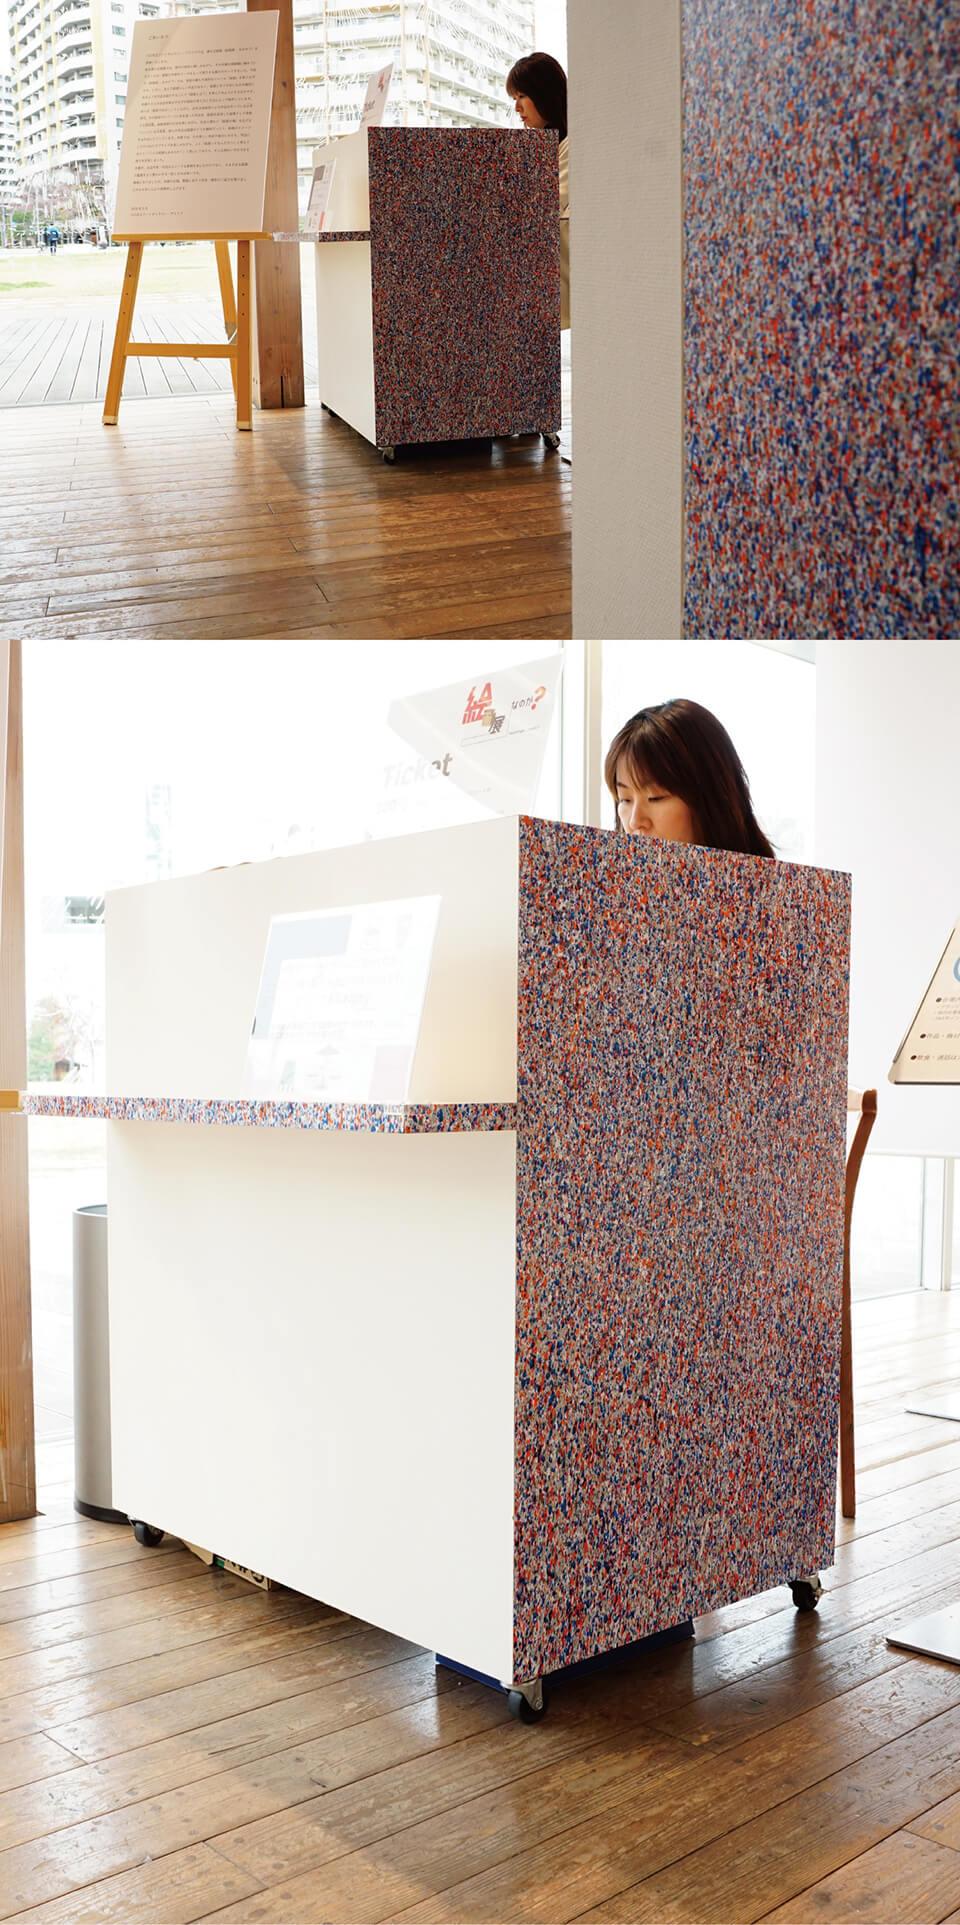 「絵画展…なのか?」<br /> 2019<br /> Exhibition site view<br /> <br /> 「WM-atlia counter」<br /> 2019<br /> 99.8×90×75cm<br /> acrylic direct on ticketing counter<br /> 川口市立ギャラリー・アトリア/埼玉